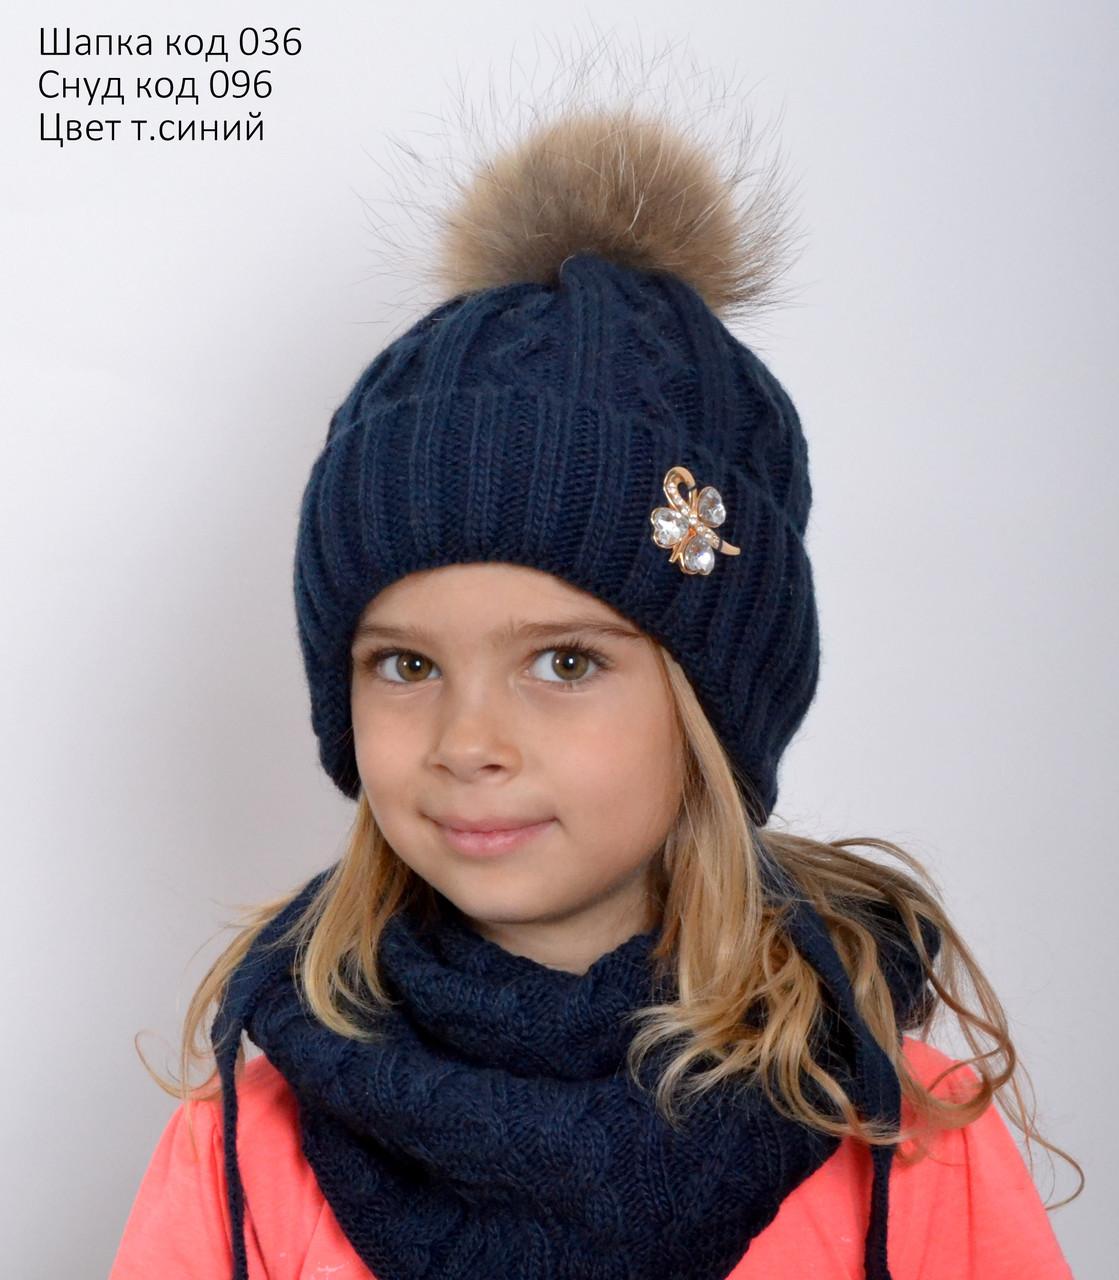 Детская зимняя шапка с натуральным меховым помпоном для девочки - Malishopt  Детская одежда оптом и в d4251b8d1f0d4